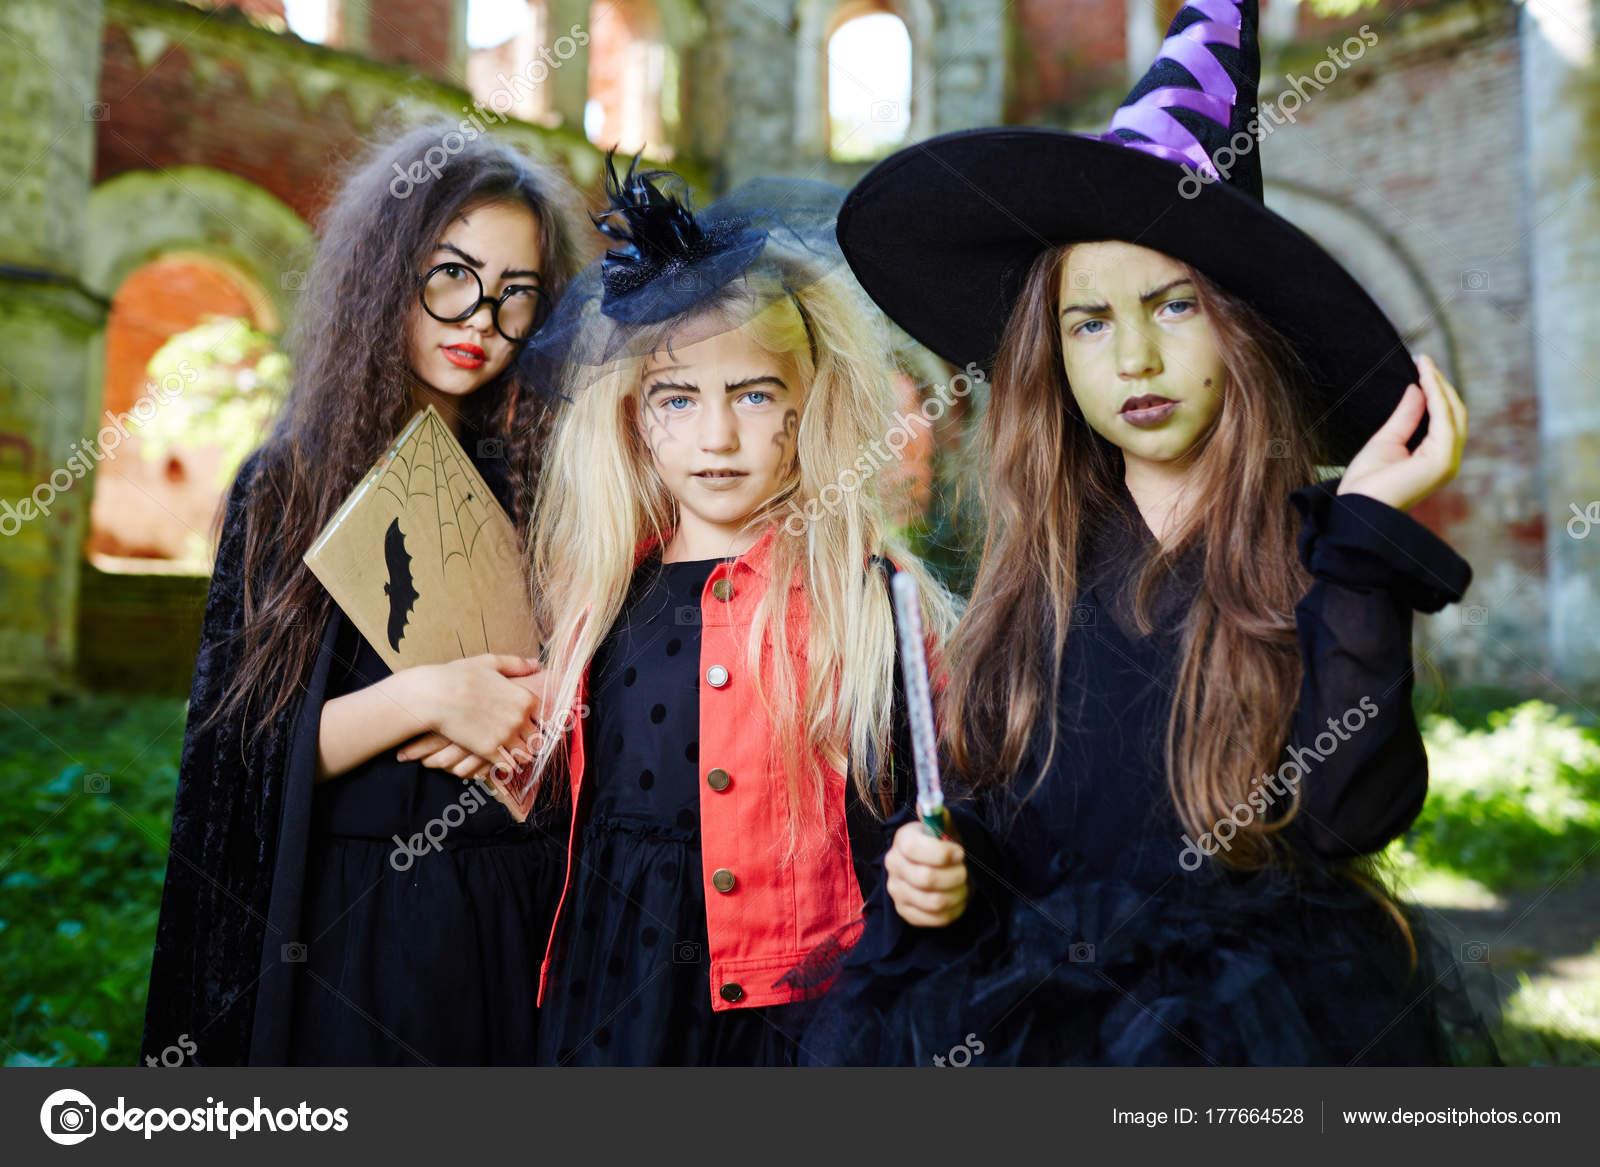 Gruppe Von Freundlichen Hexen Halloween Kostumen Bitten Sie Ein